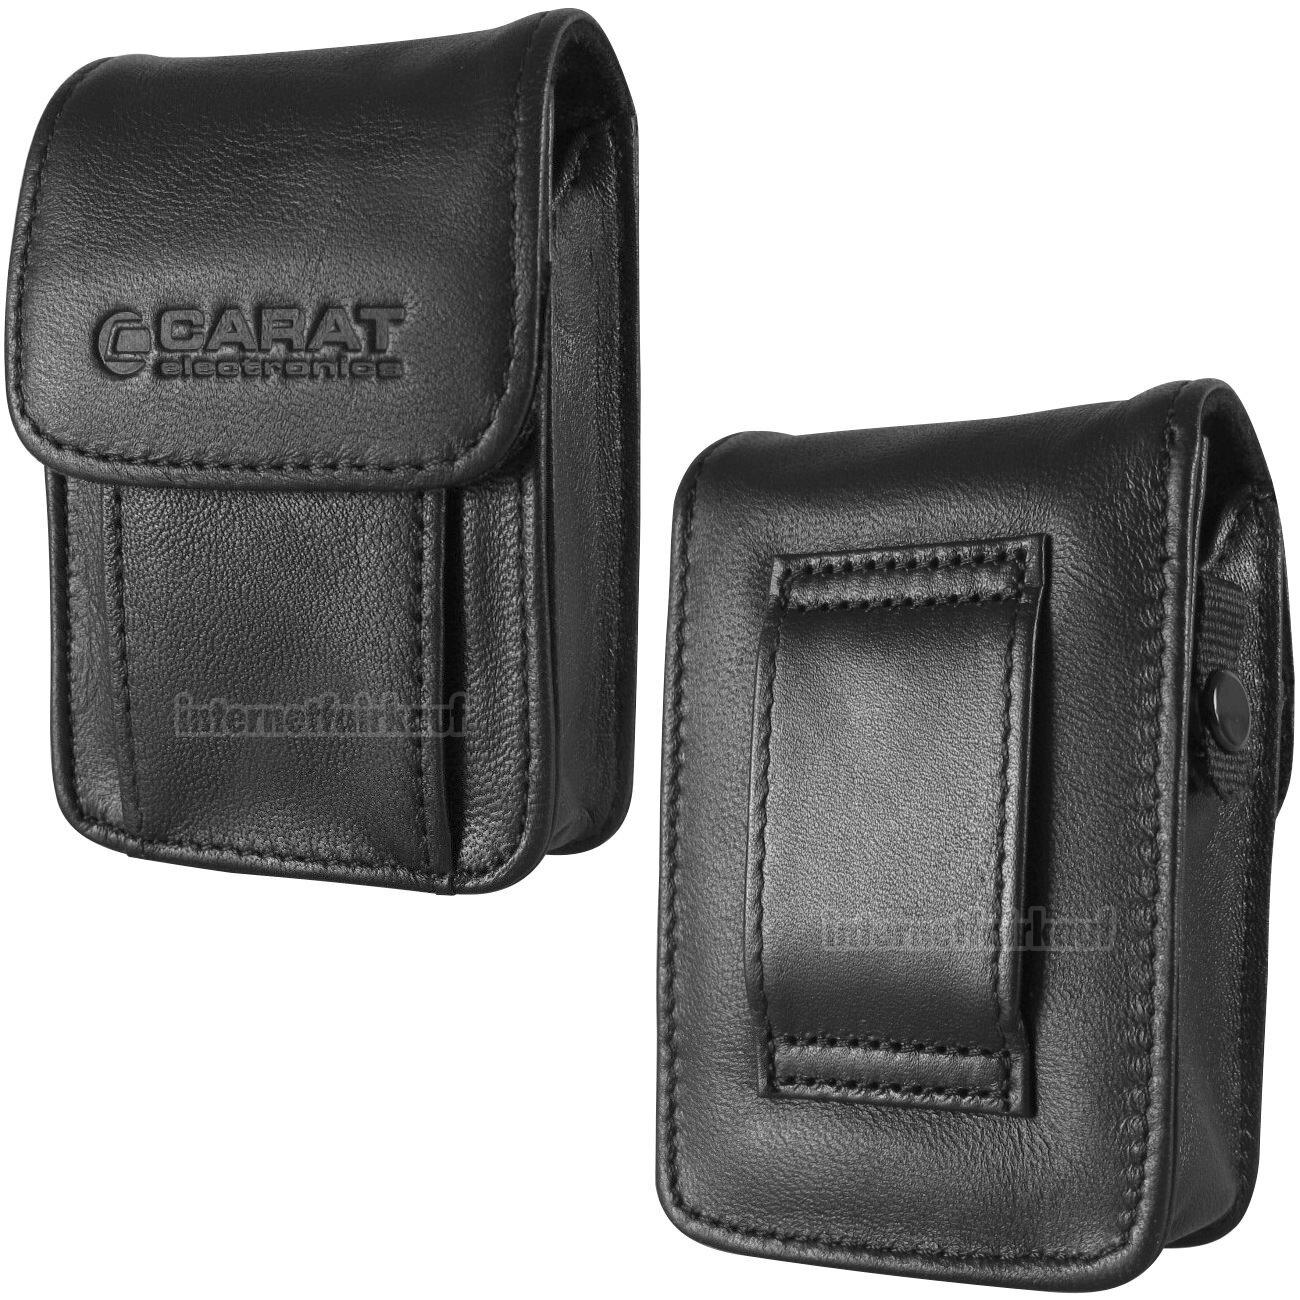 Tasche Kameratasche passend für Canon IXUS 1000 HS 990 IS - Leder Etui